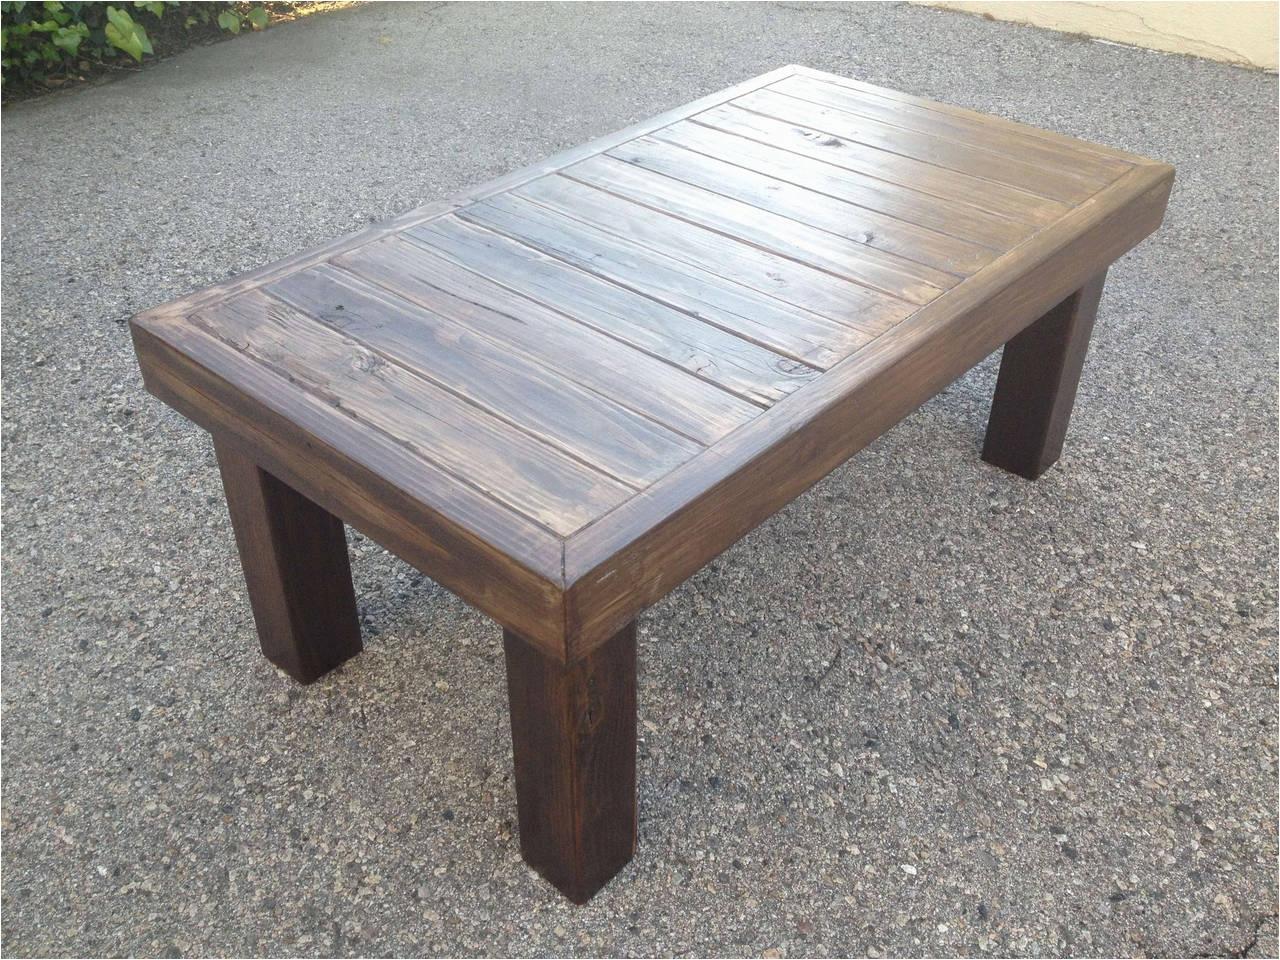 porch bench plans inspirational garden bench design ideas best small garden bench ideas new